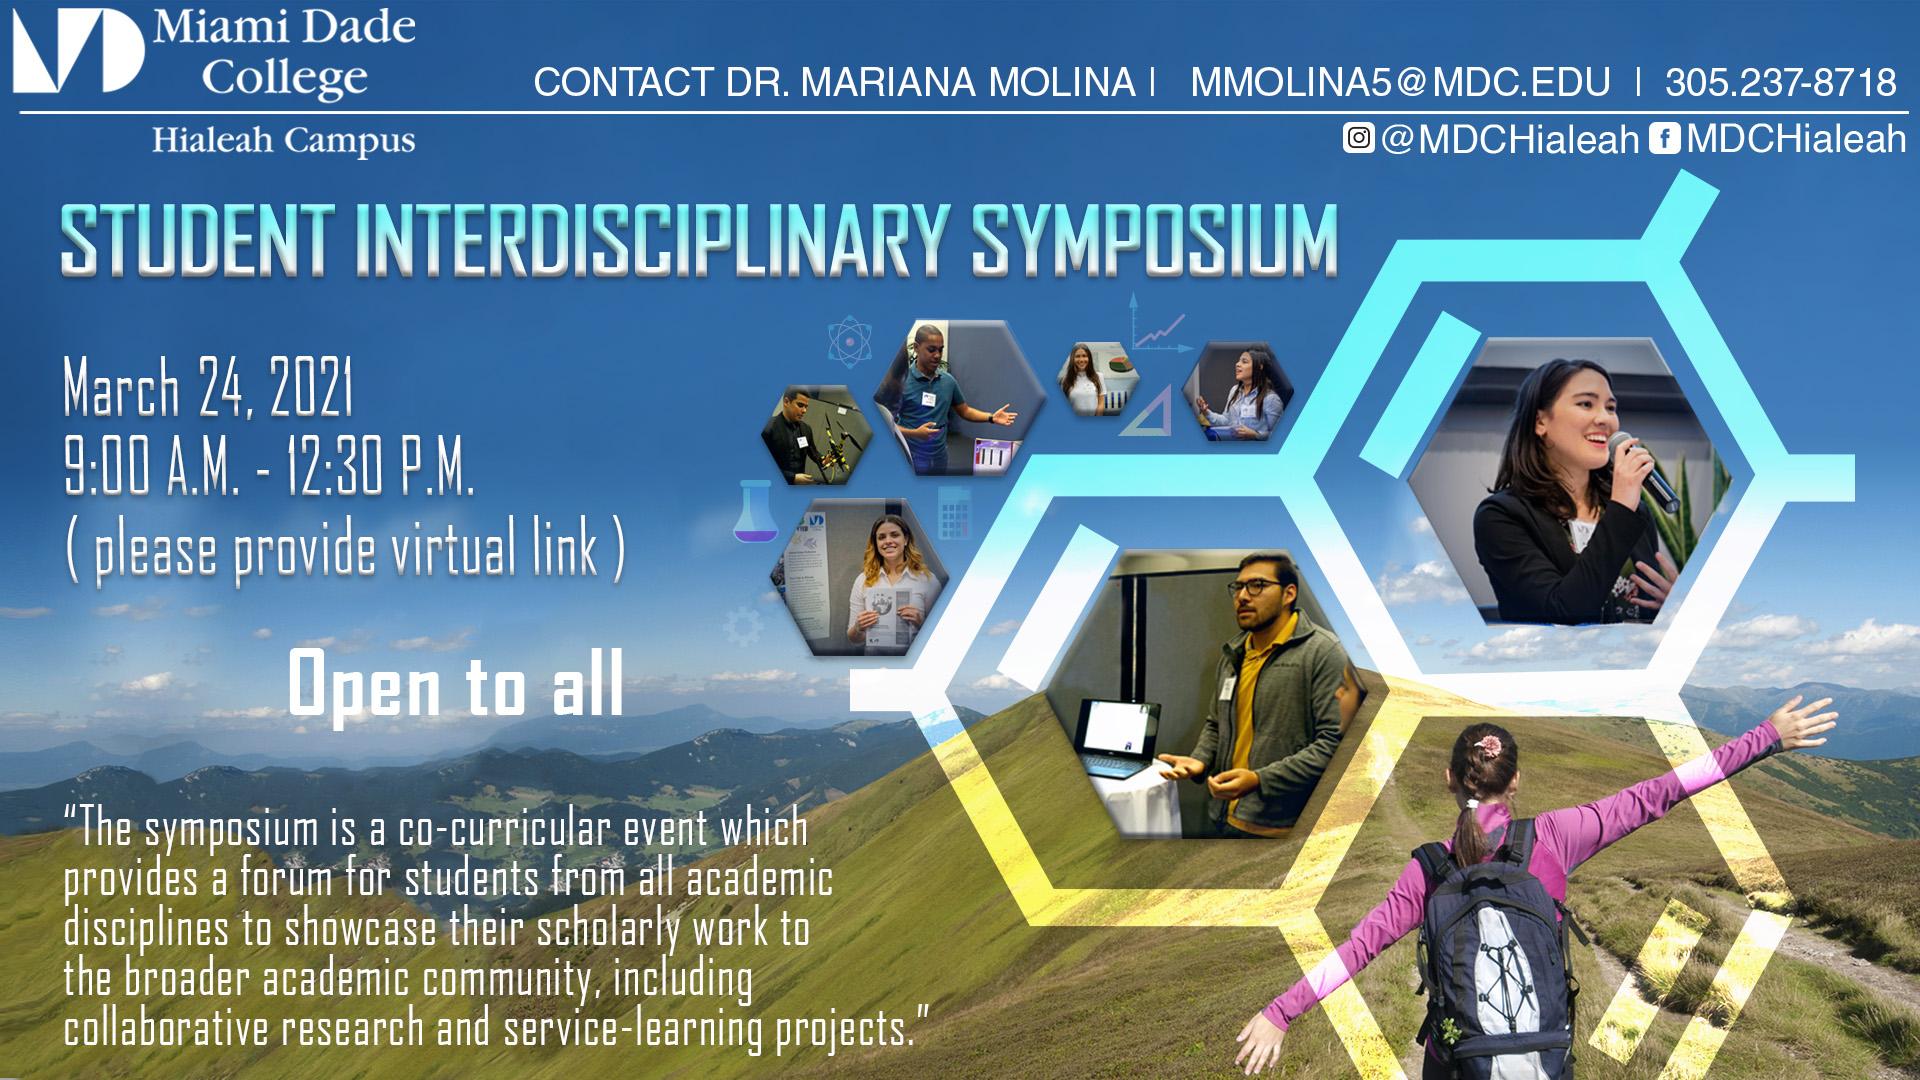 Student Interdisciplinary Symposium - March 24, 2021, 9:00 am - 1:30 pm